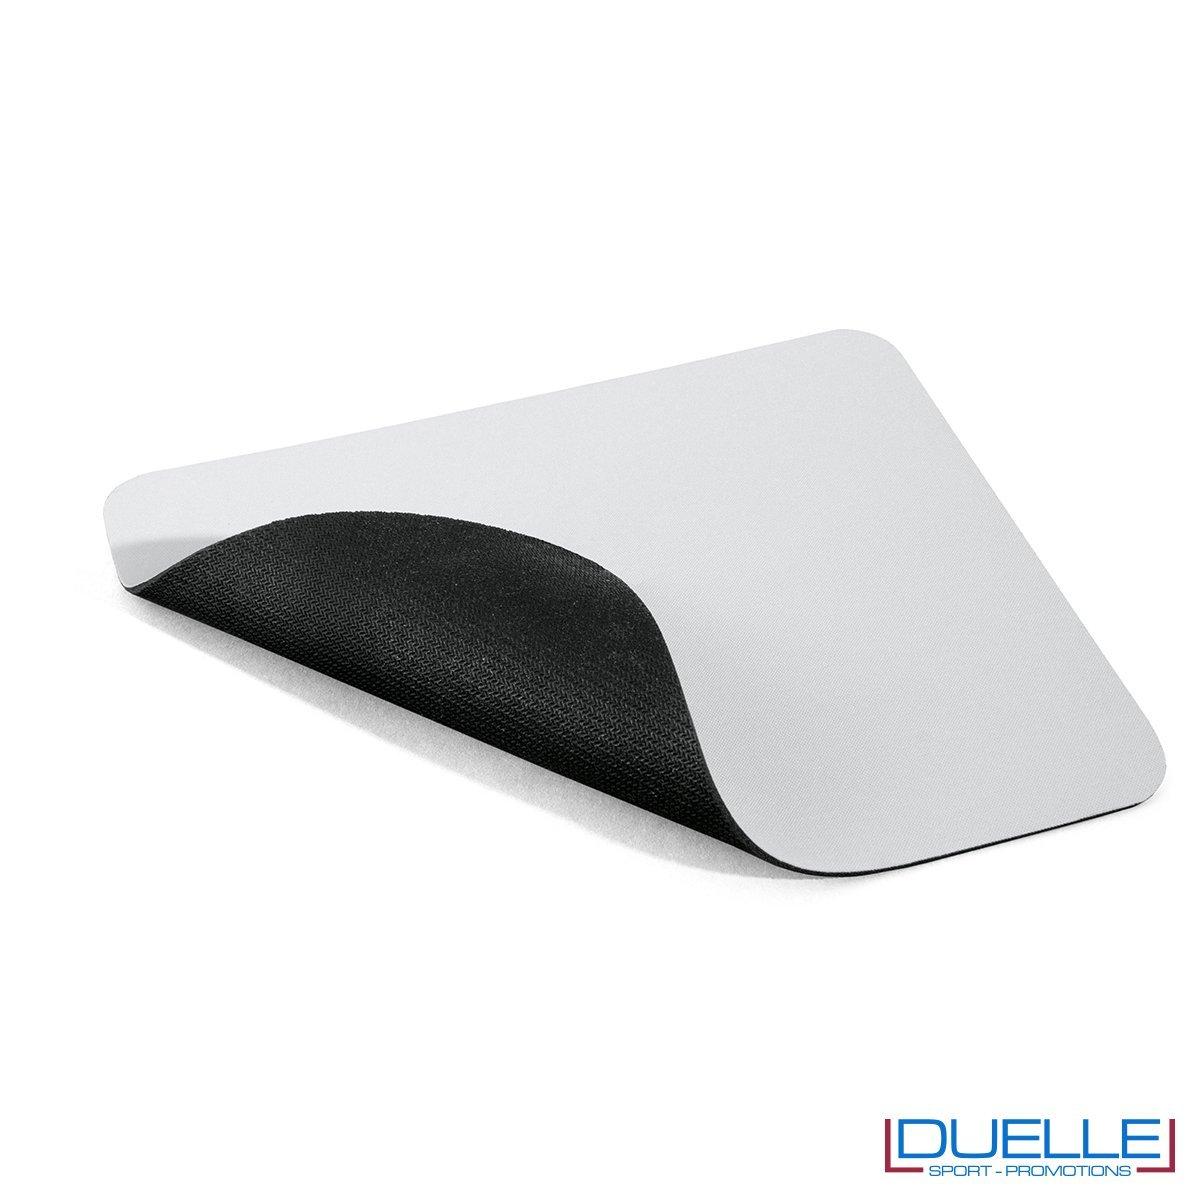 mouse pad personalizzato con stampa a colori, tappetini mouse personalizzabili con stampe fotografiche